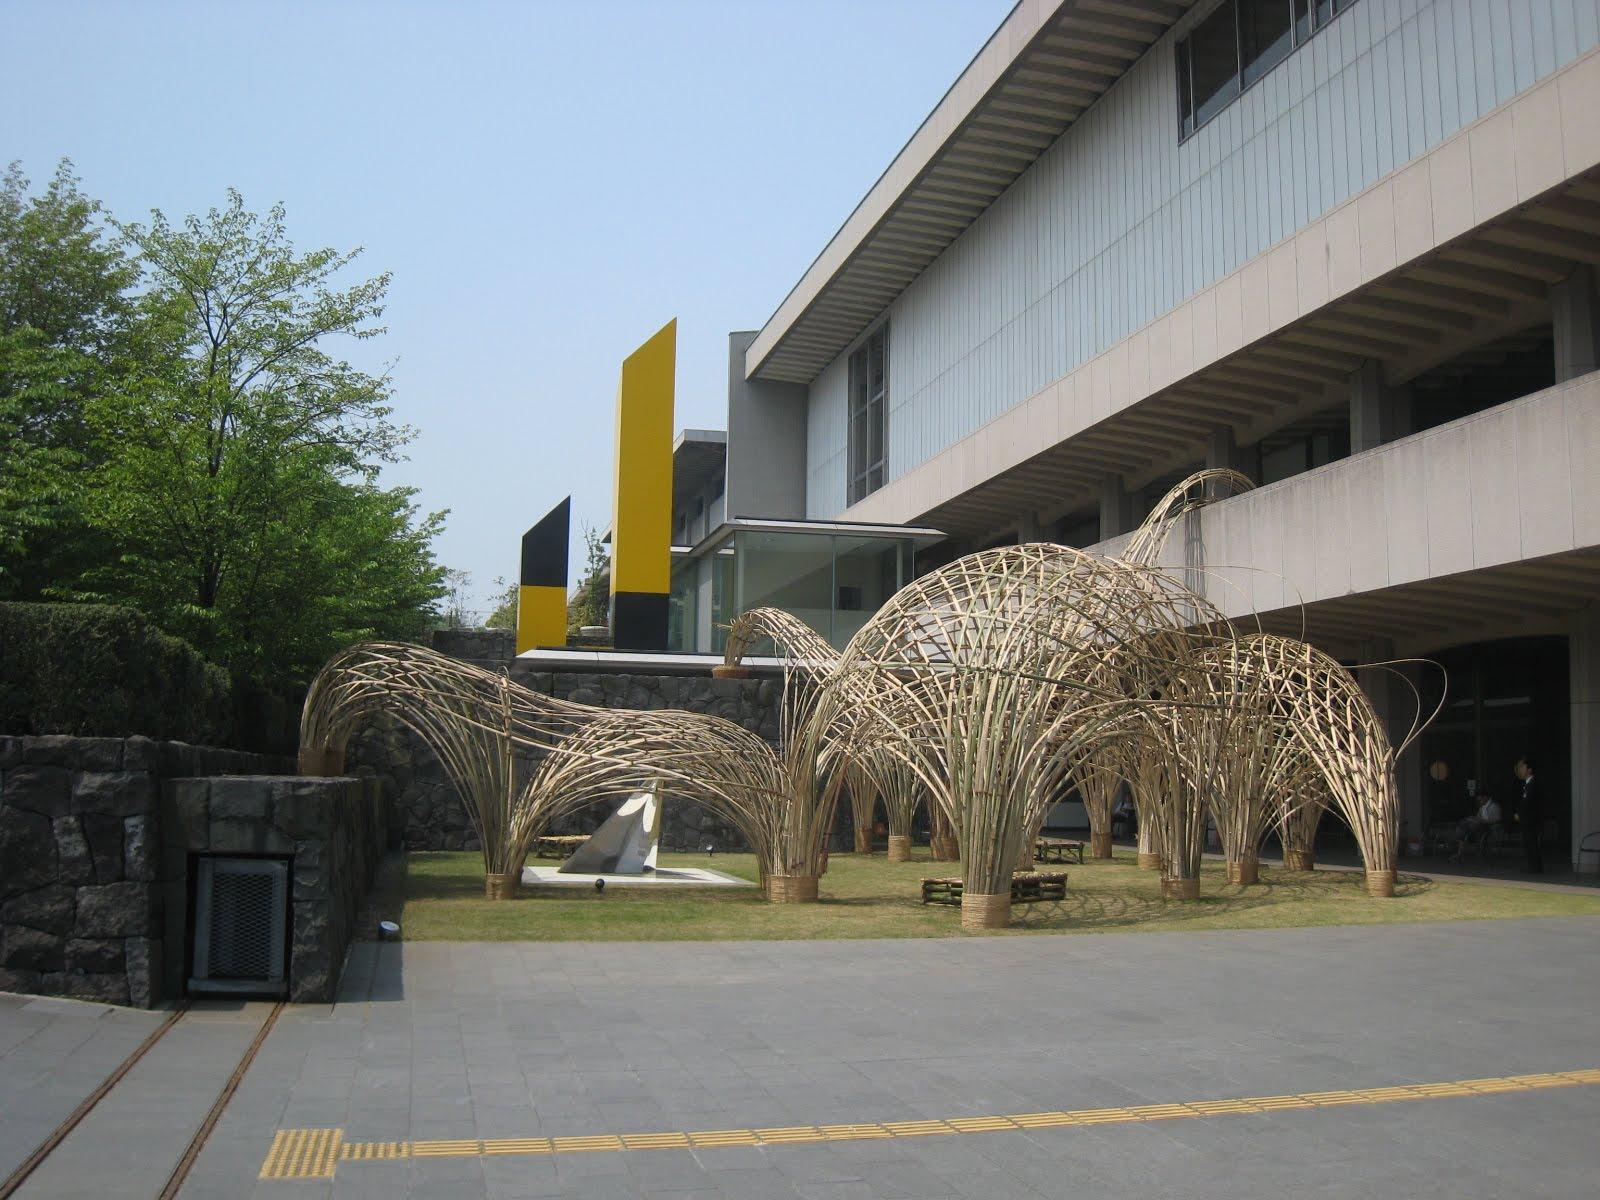 蓼くい: 東京都國立近代美術館 建築はどこにあるの? 7つのインスタレーション